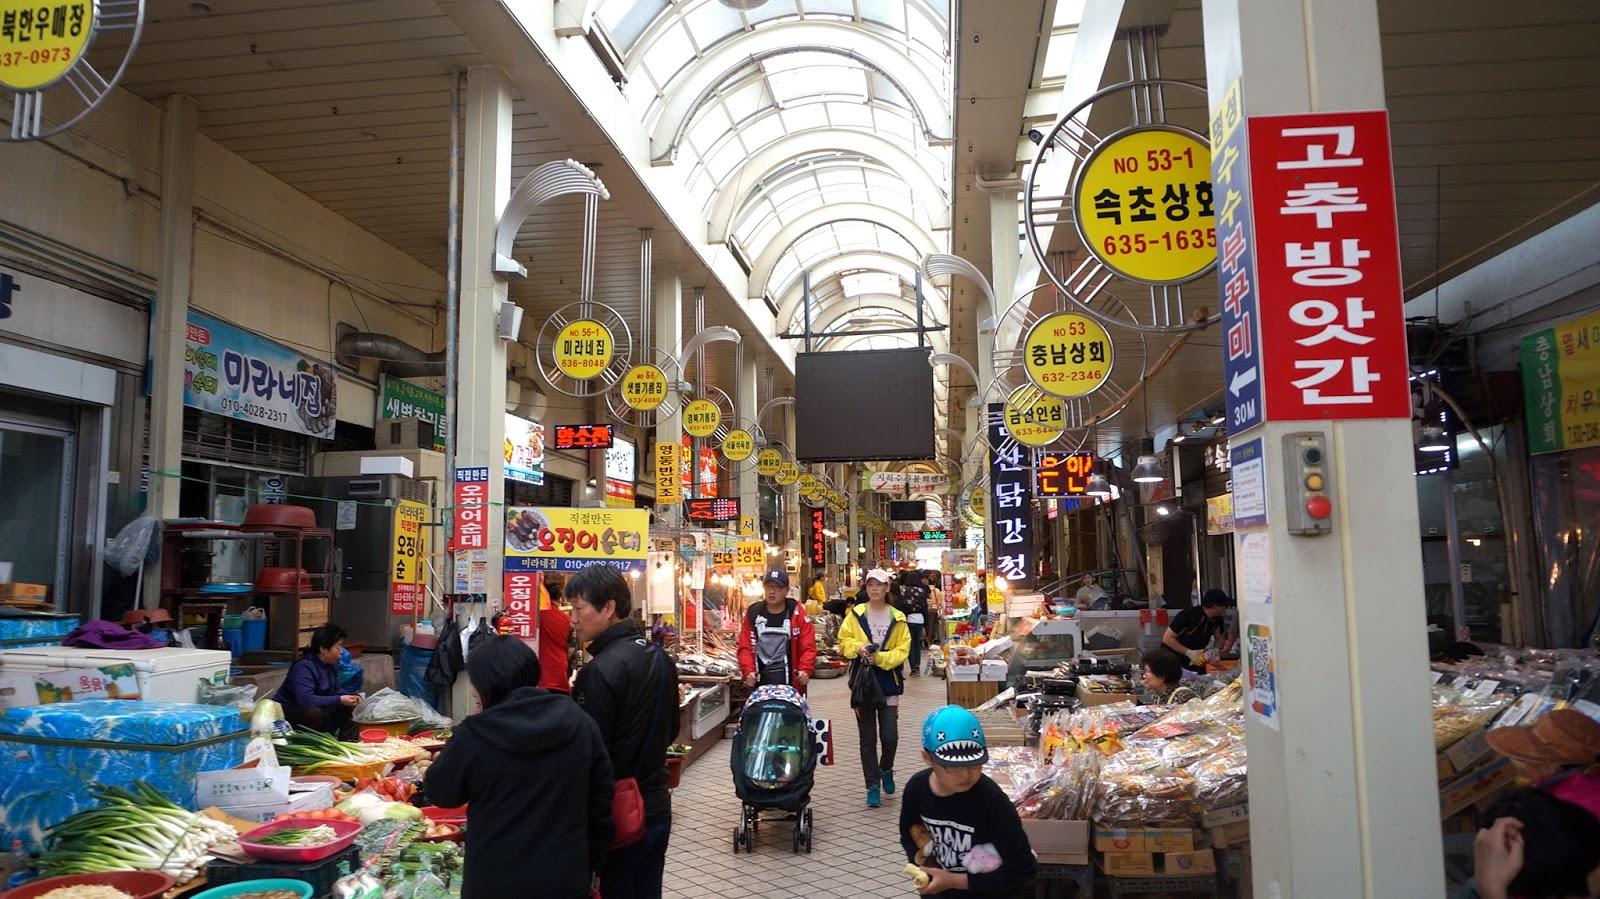 Seafood market in sokcho